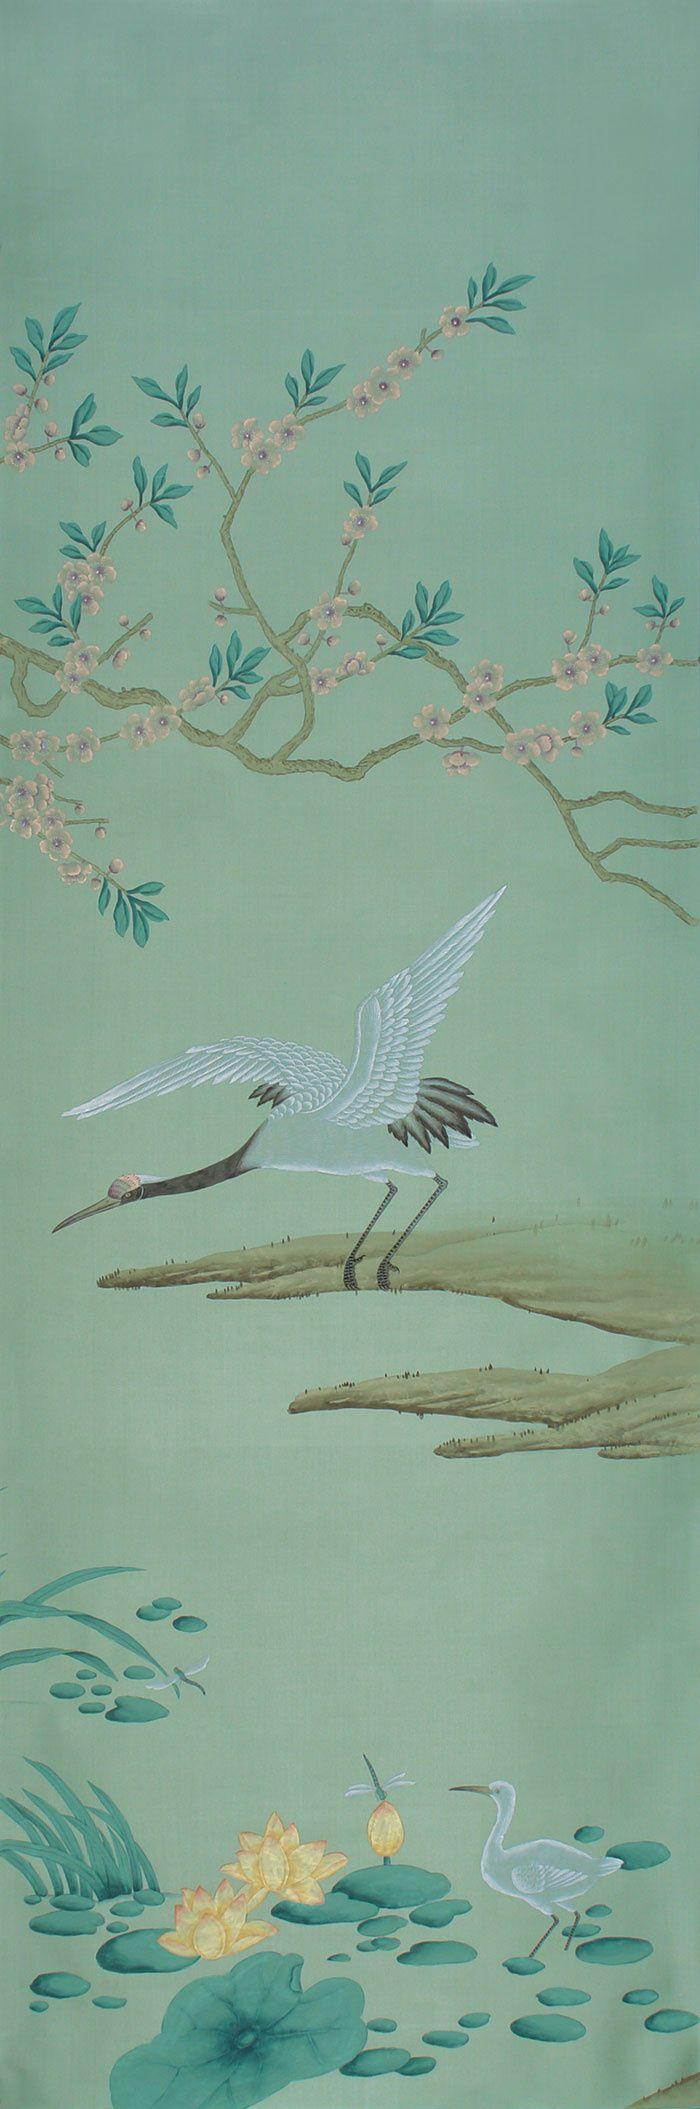 Panneau de papier peint Earlham, collection chinoiseries (de Gournay)